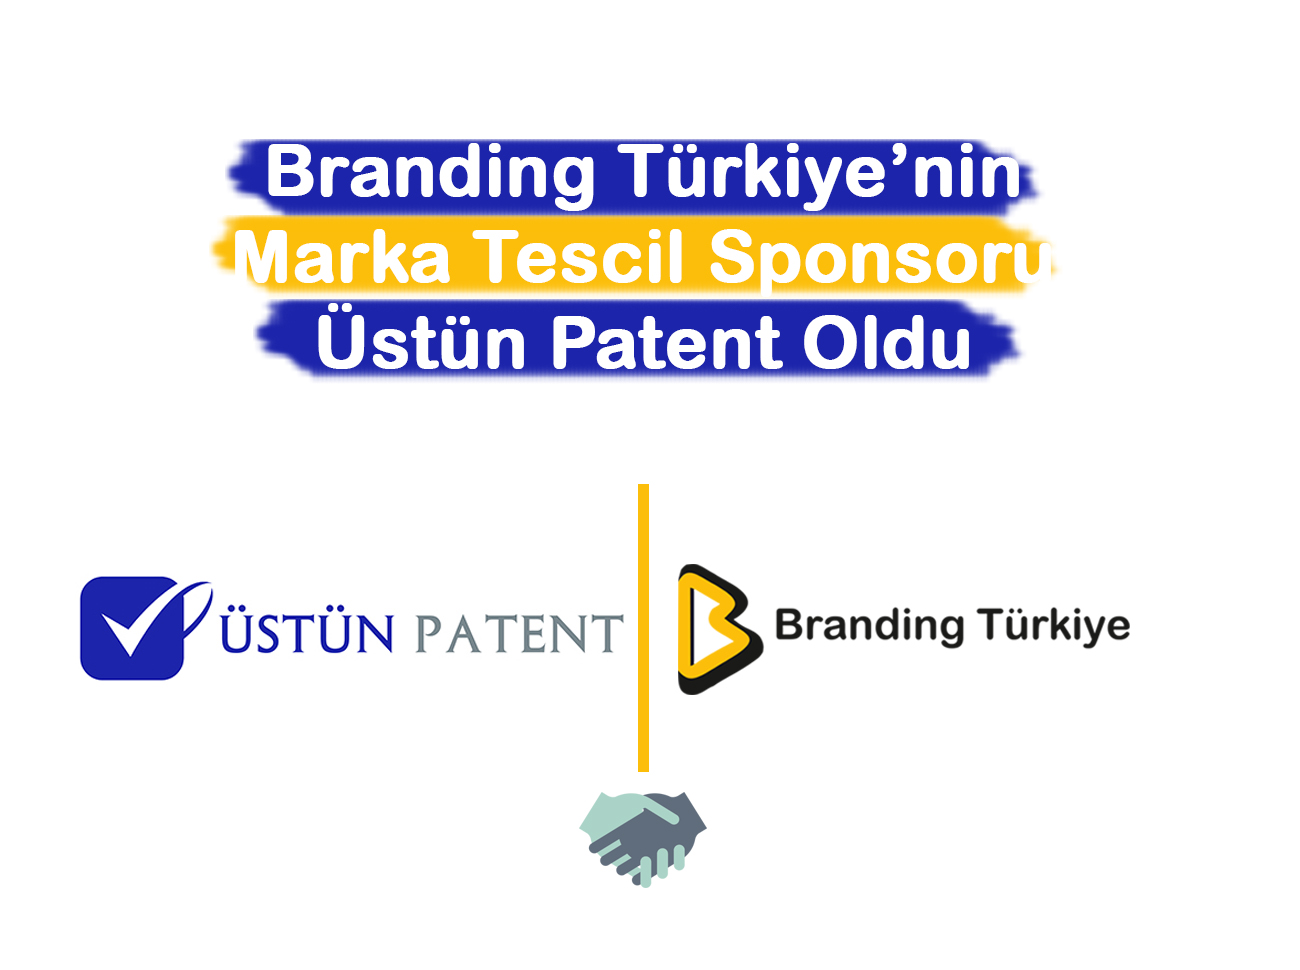 Branding Türkiye'nin Marka Tescil Sponsoru Üstün Patent Oldu